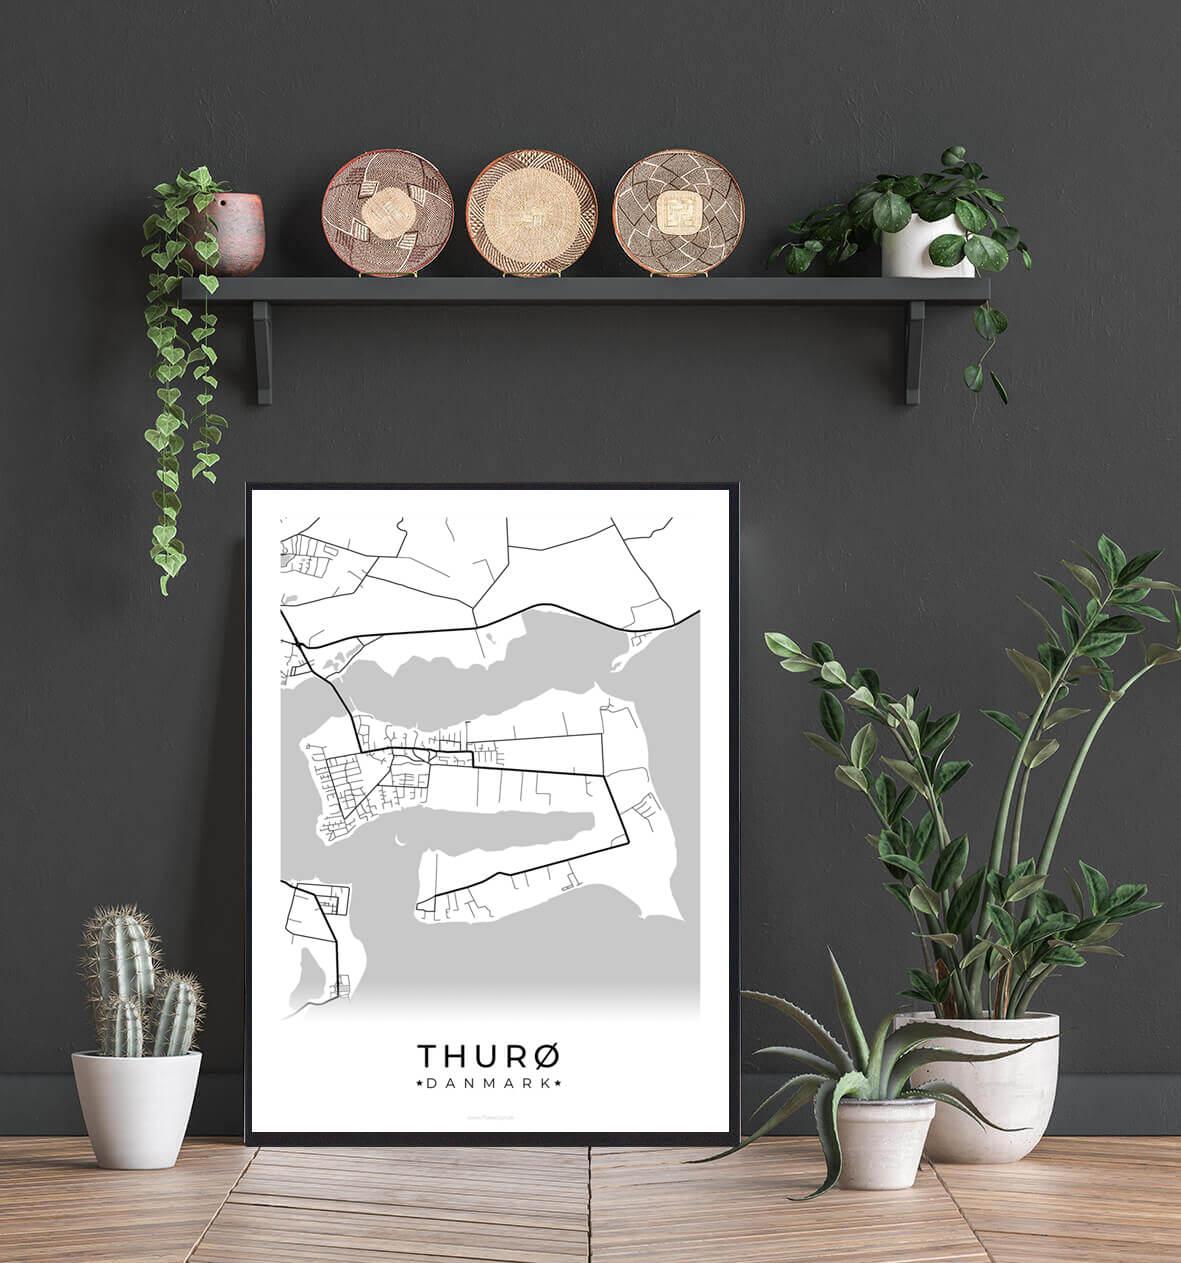 Thuroe-plakat-omraade-hvid-2